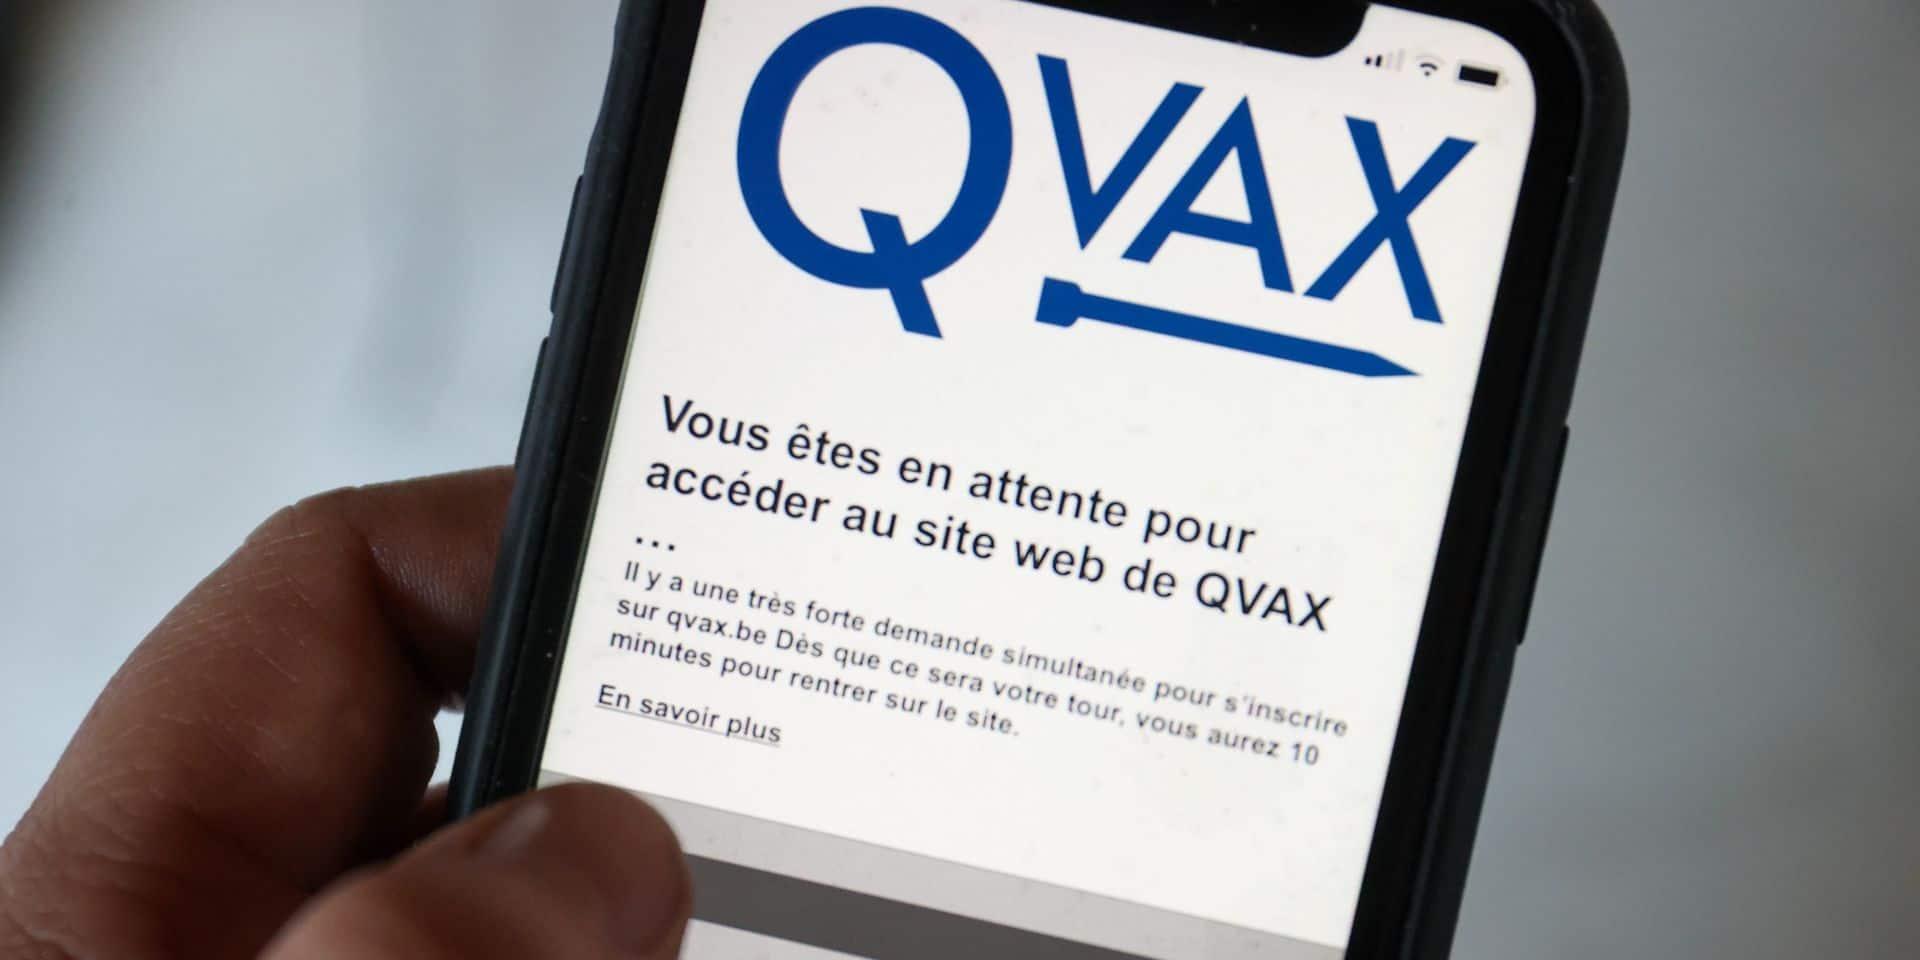 Près de 330.000 inscrits sur Qvax, gare à ne pas omettre de confirmer l'appel